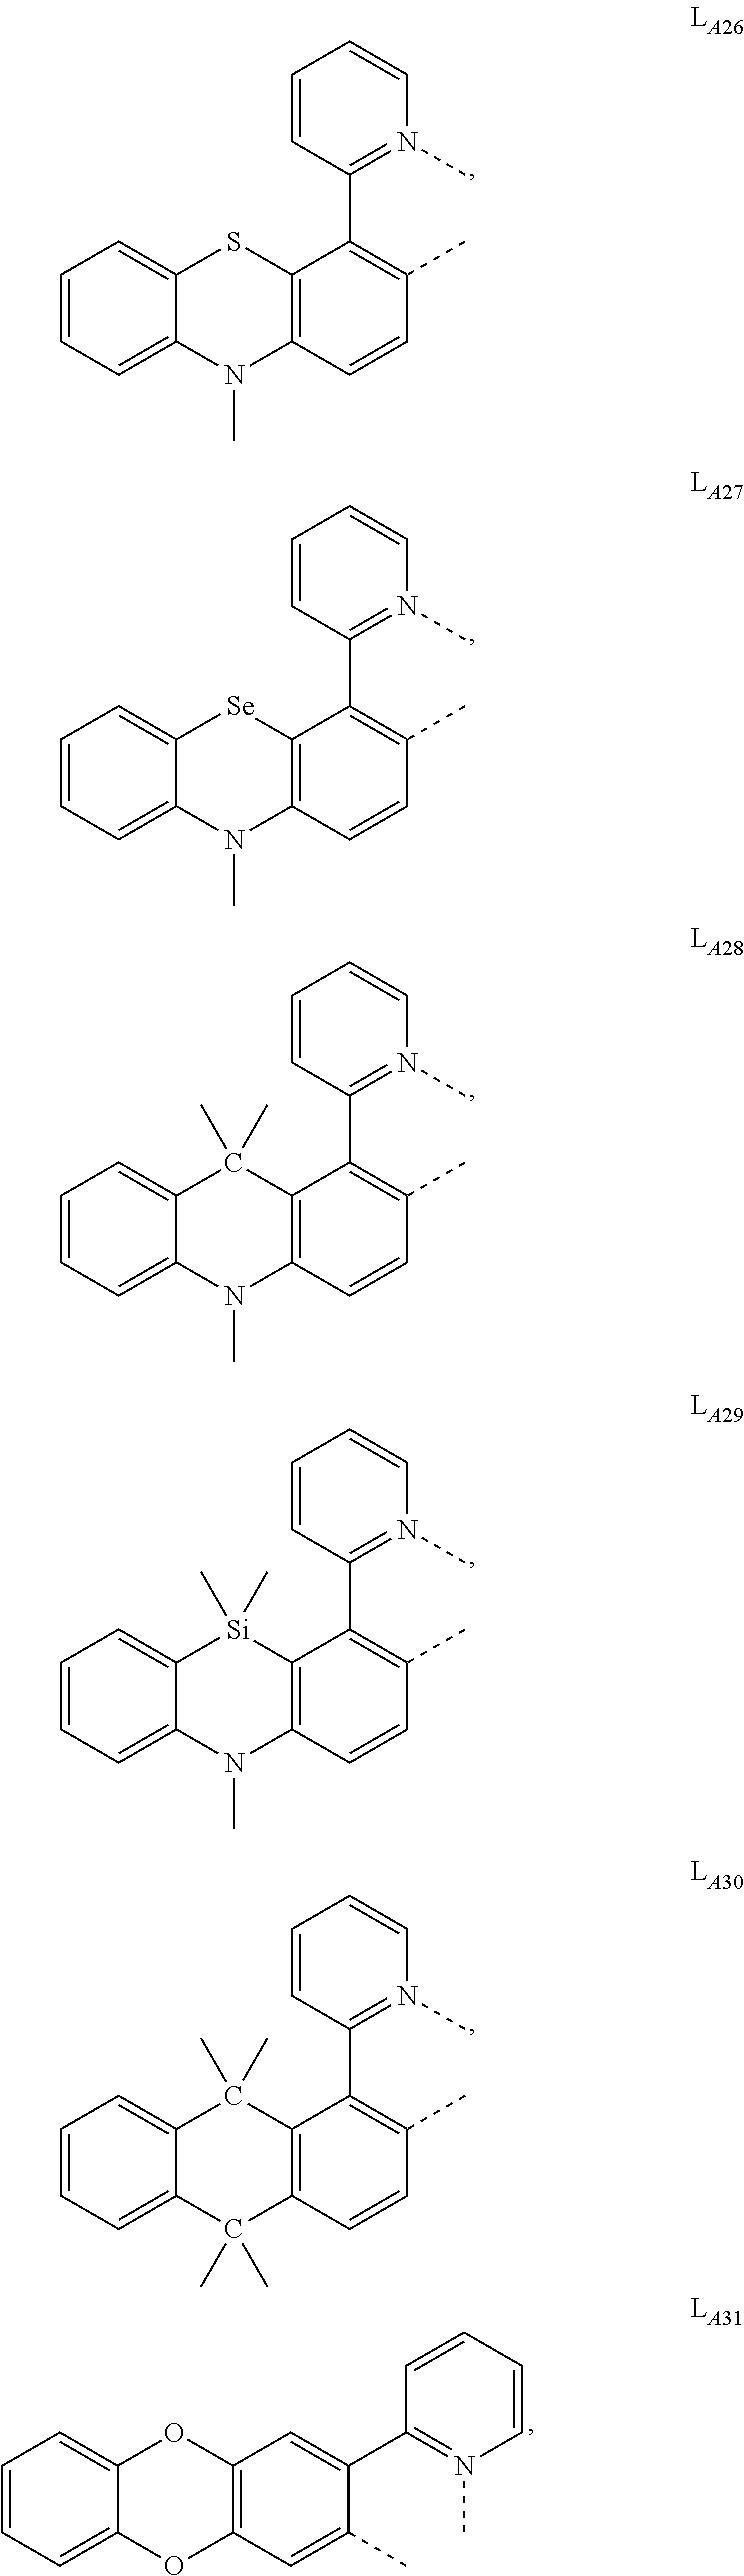 Figure US10153443-20181211-C00012